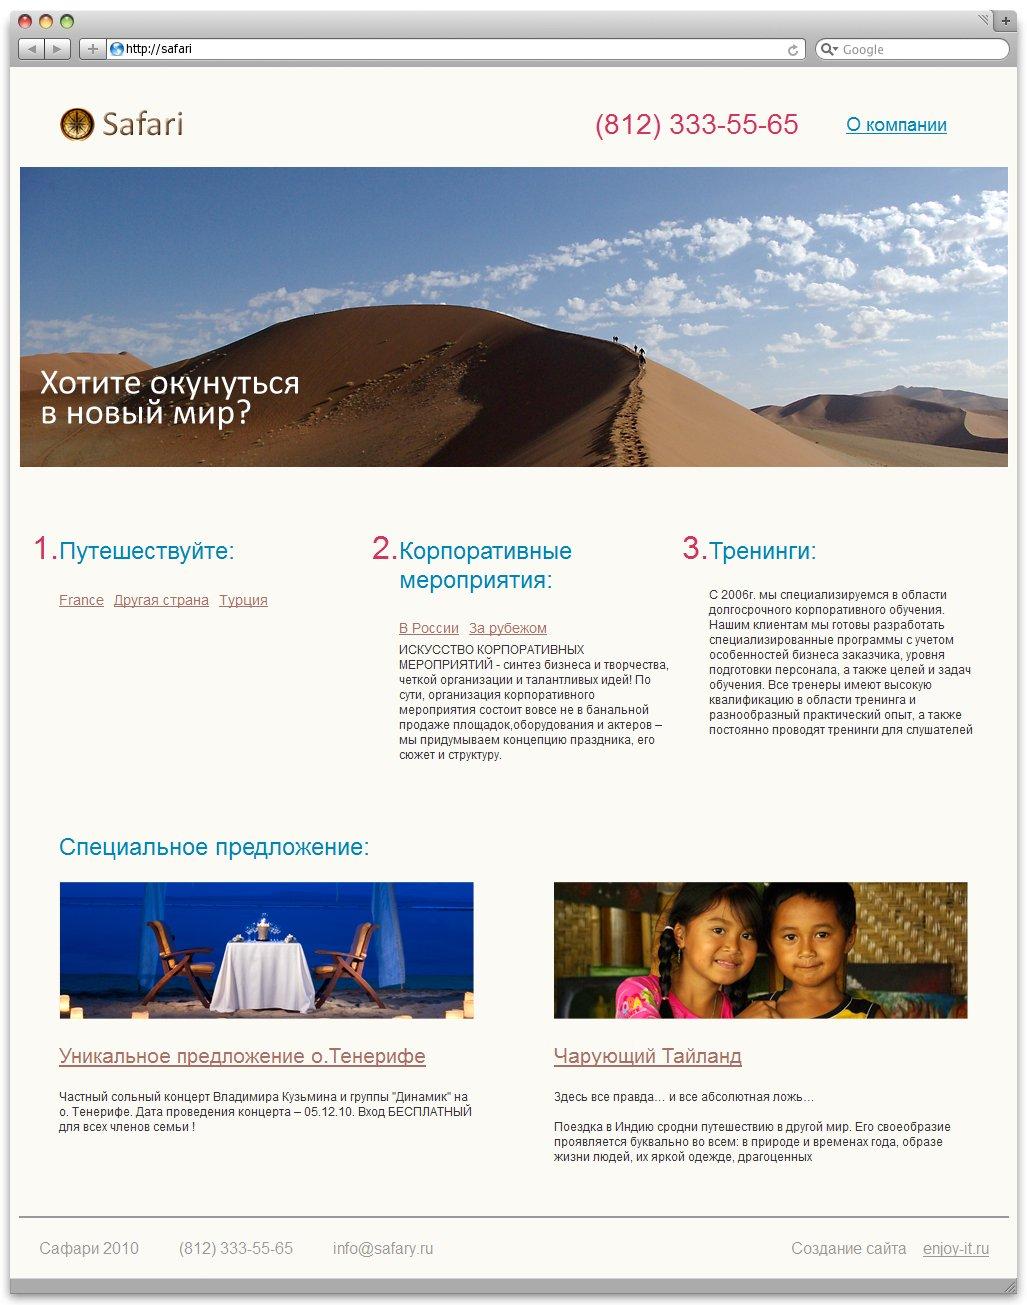 Сайт safary.ru на wordpress'е